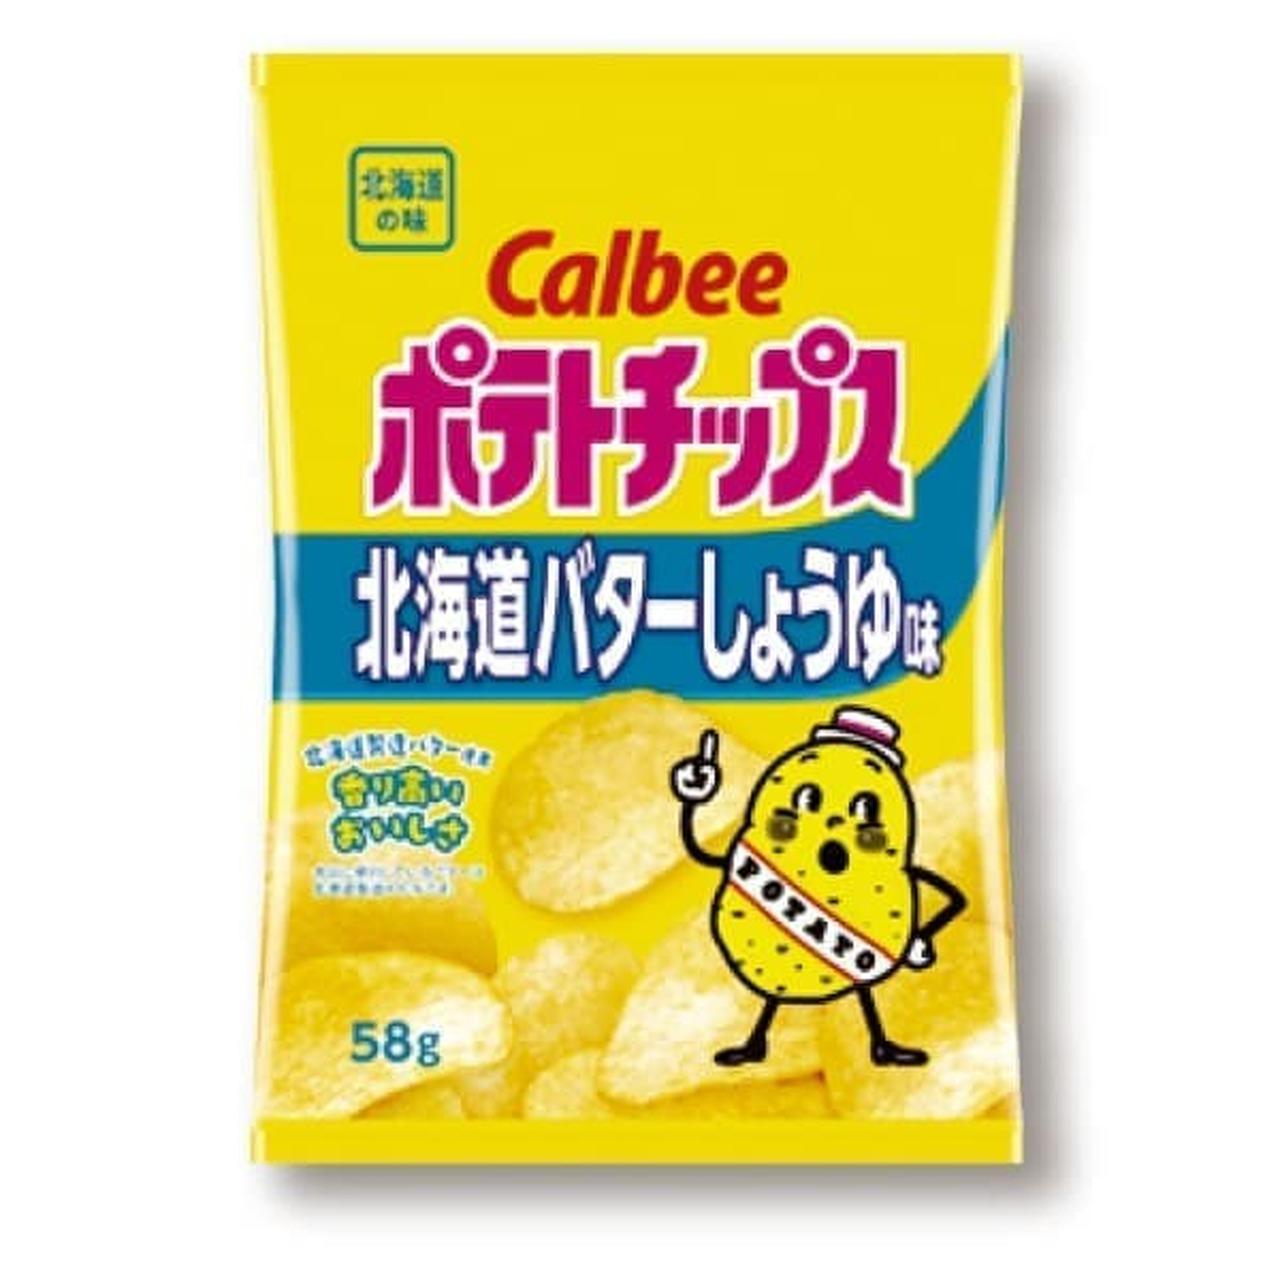 カルビー ポテトチップス「北海道バターしょうゆ味」